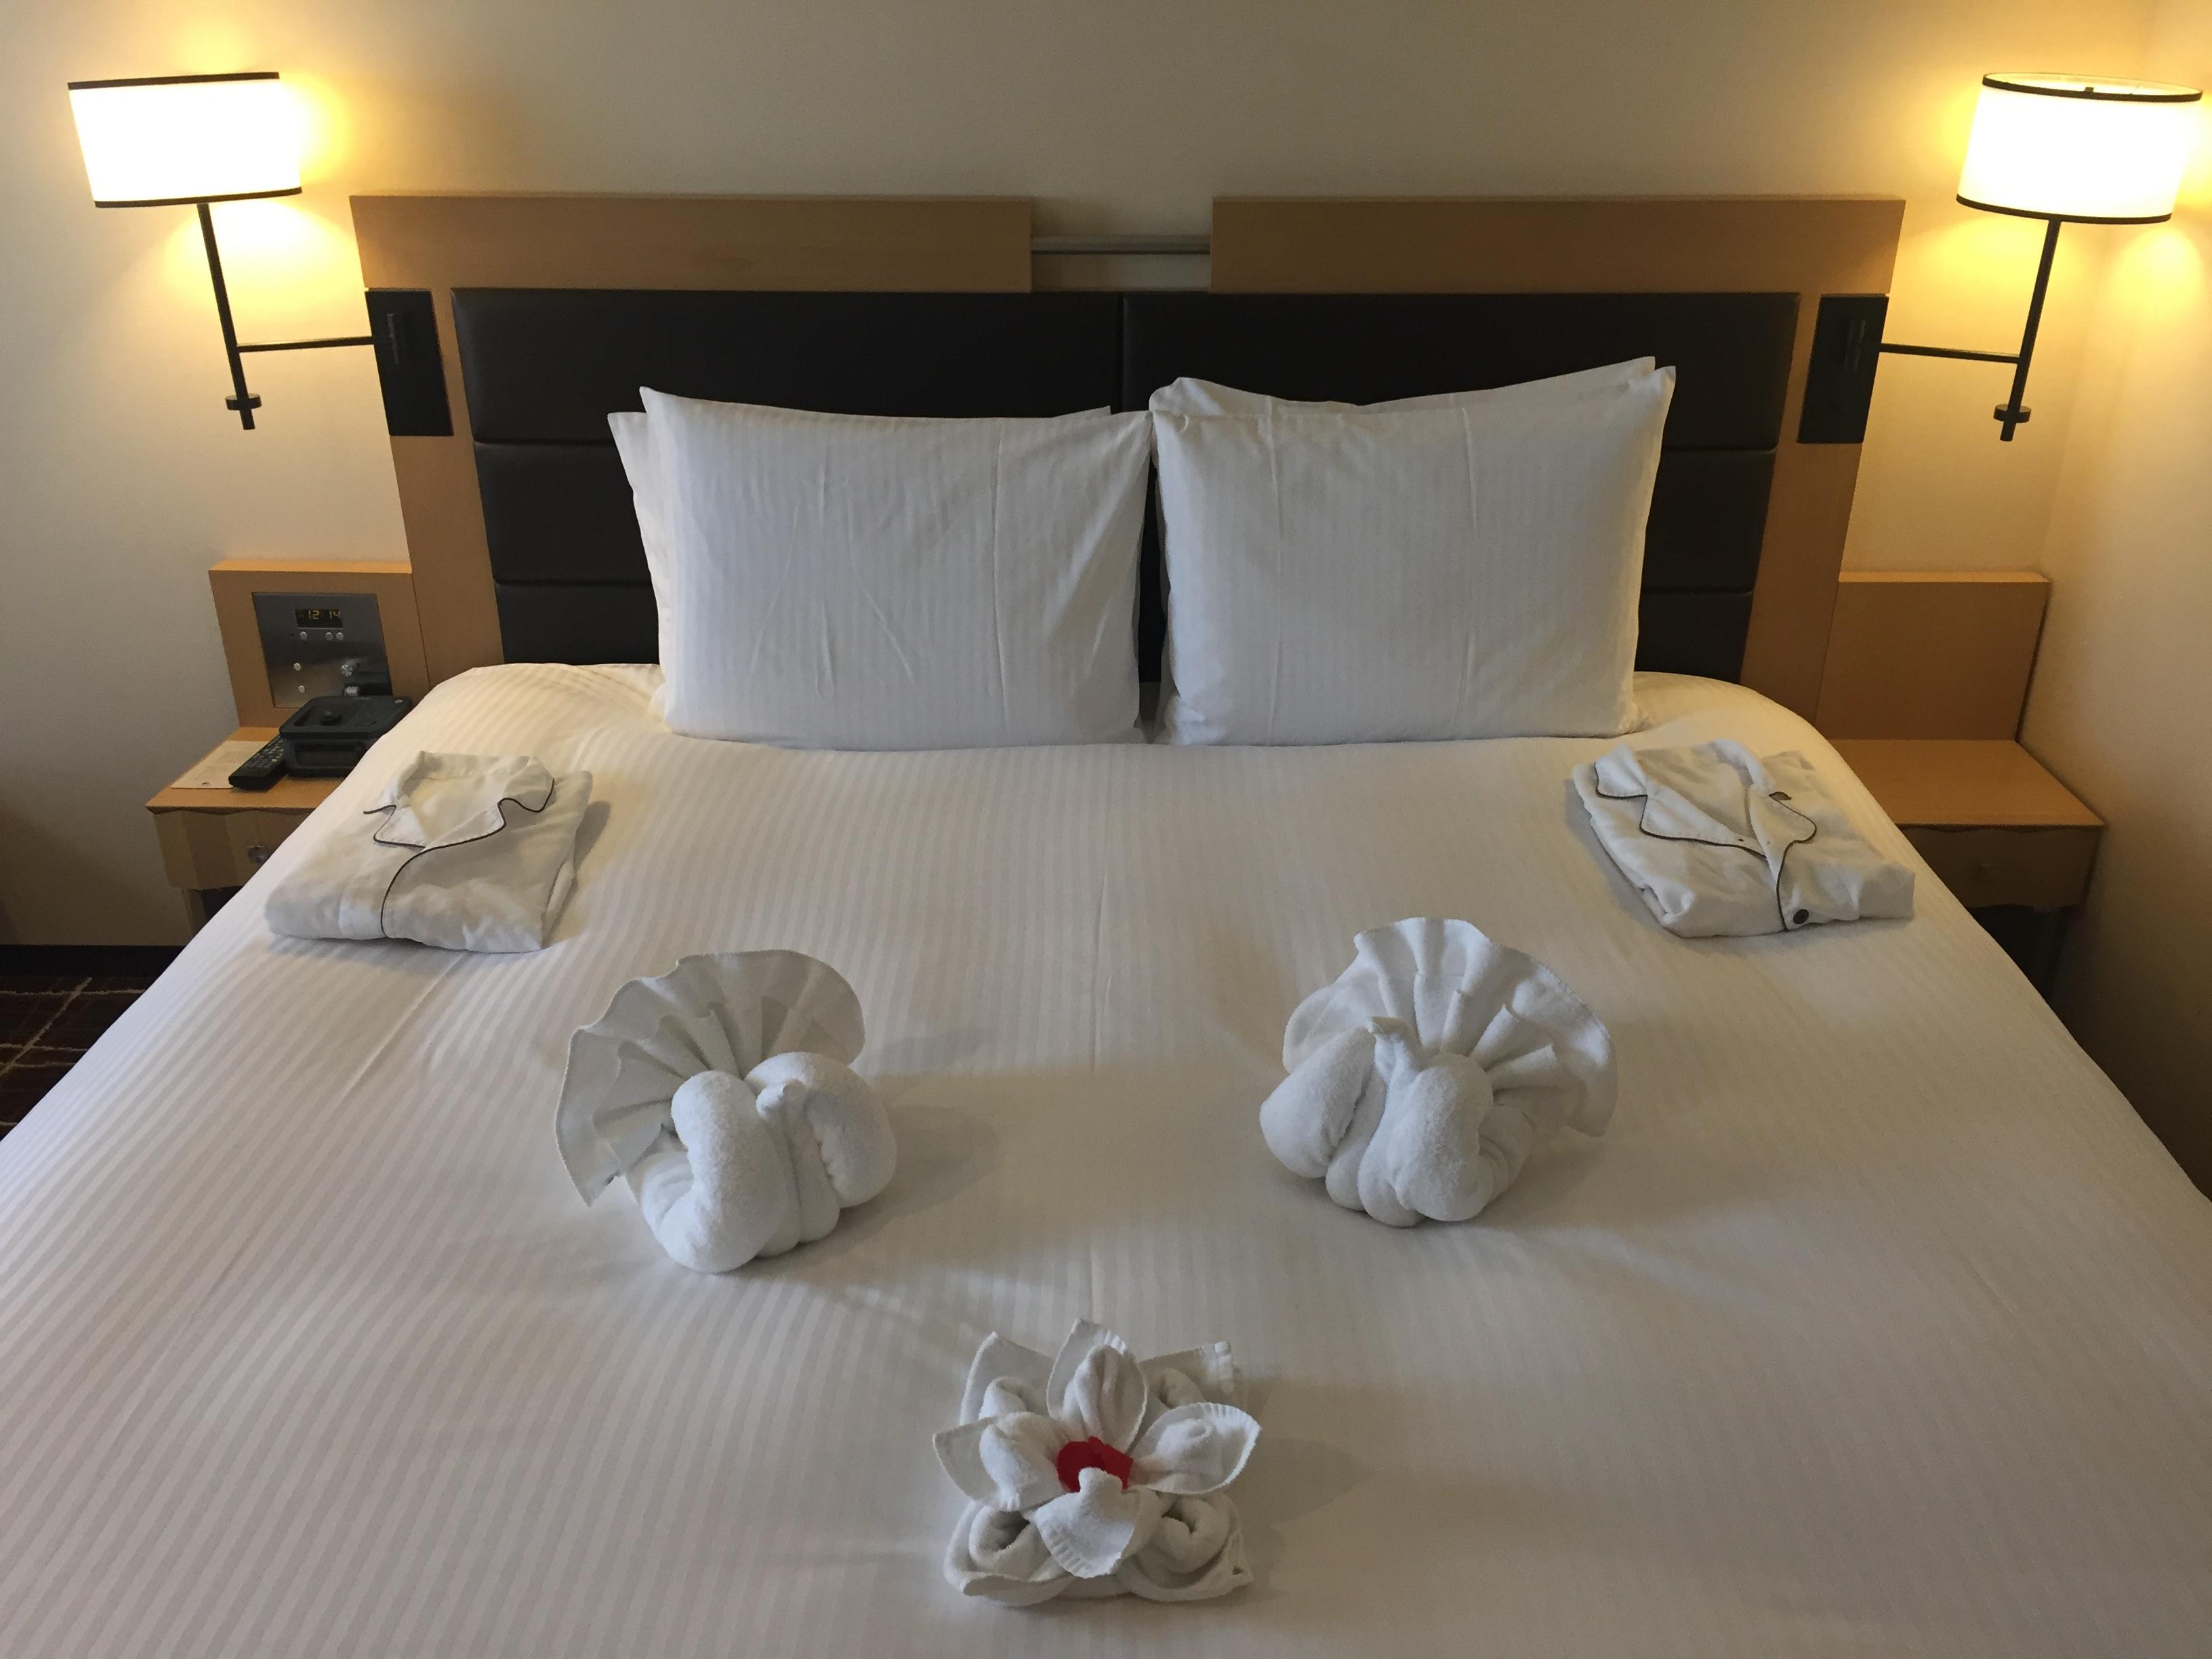 ホテル客室清掃